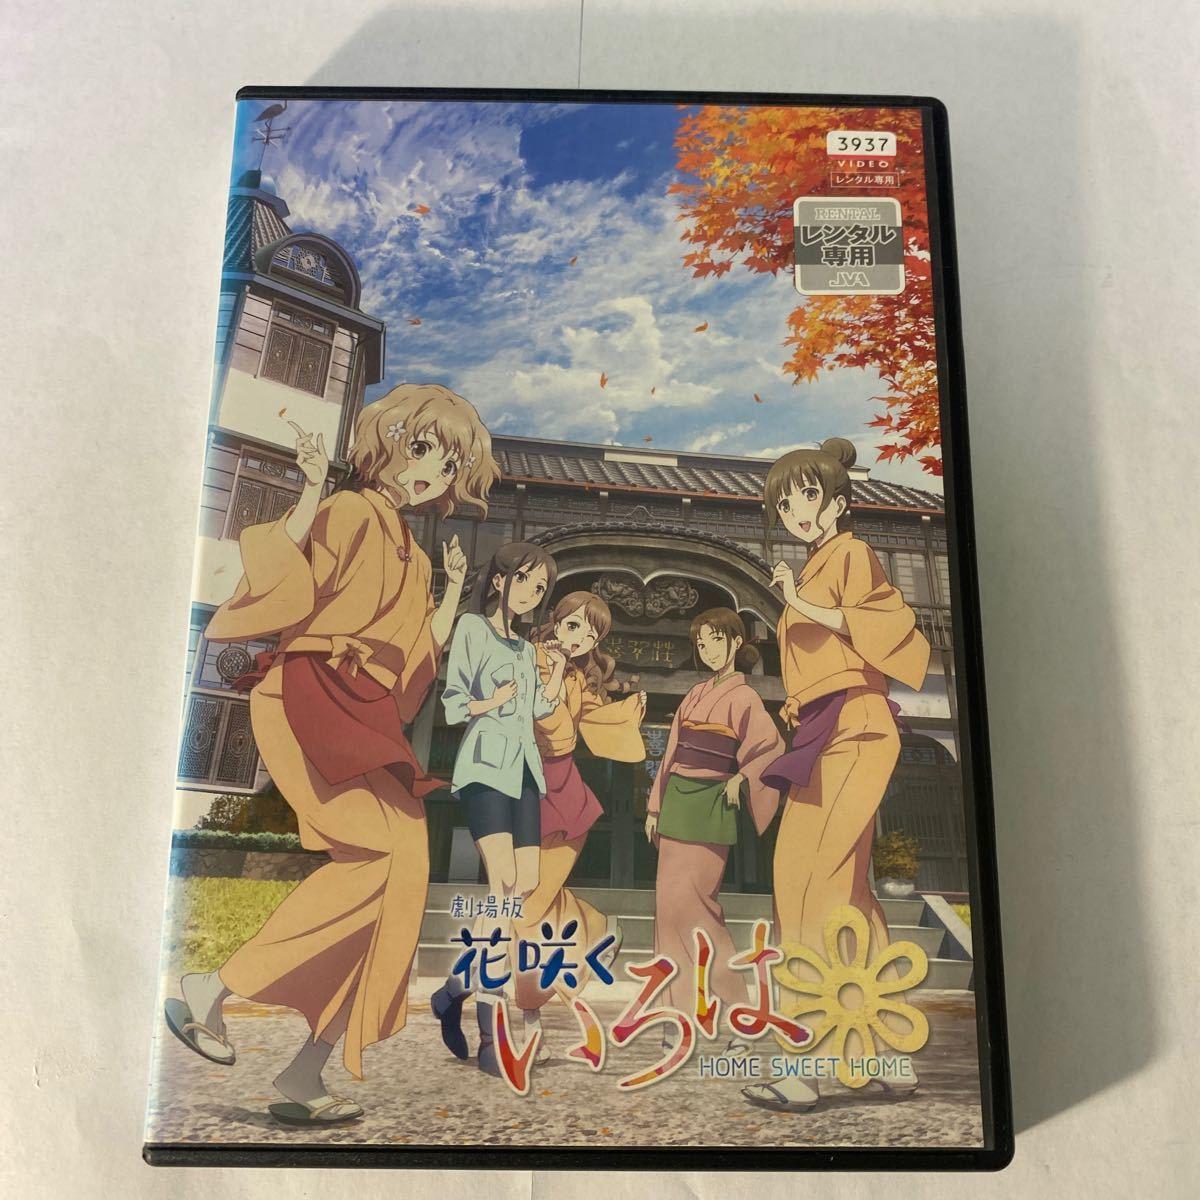 劇場版 花咲くいろは HOME SWEET HOME レンタル落ち 中古 DVDレンタル